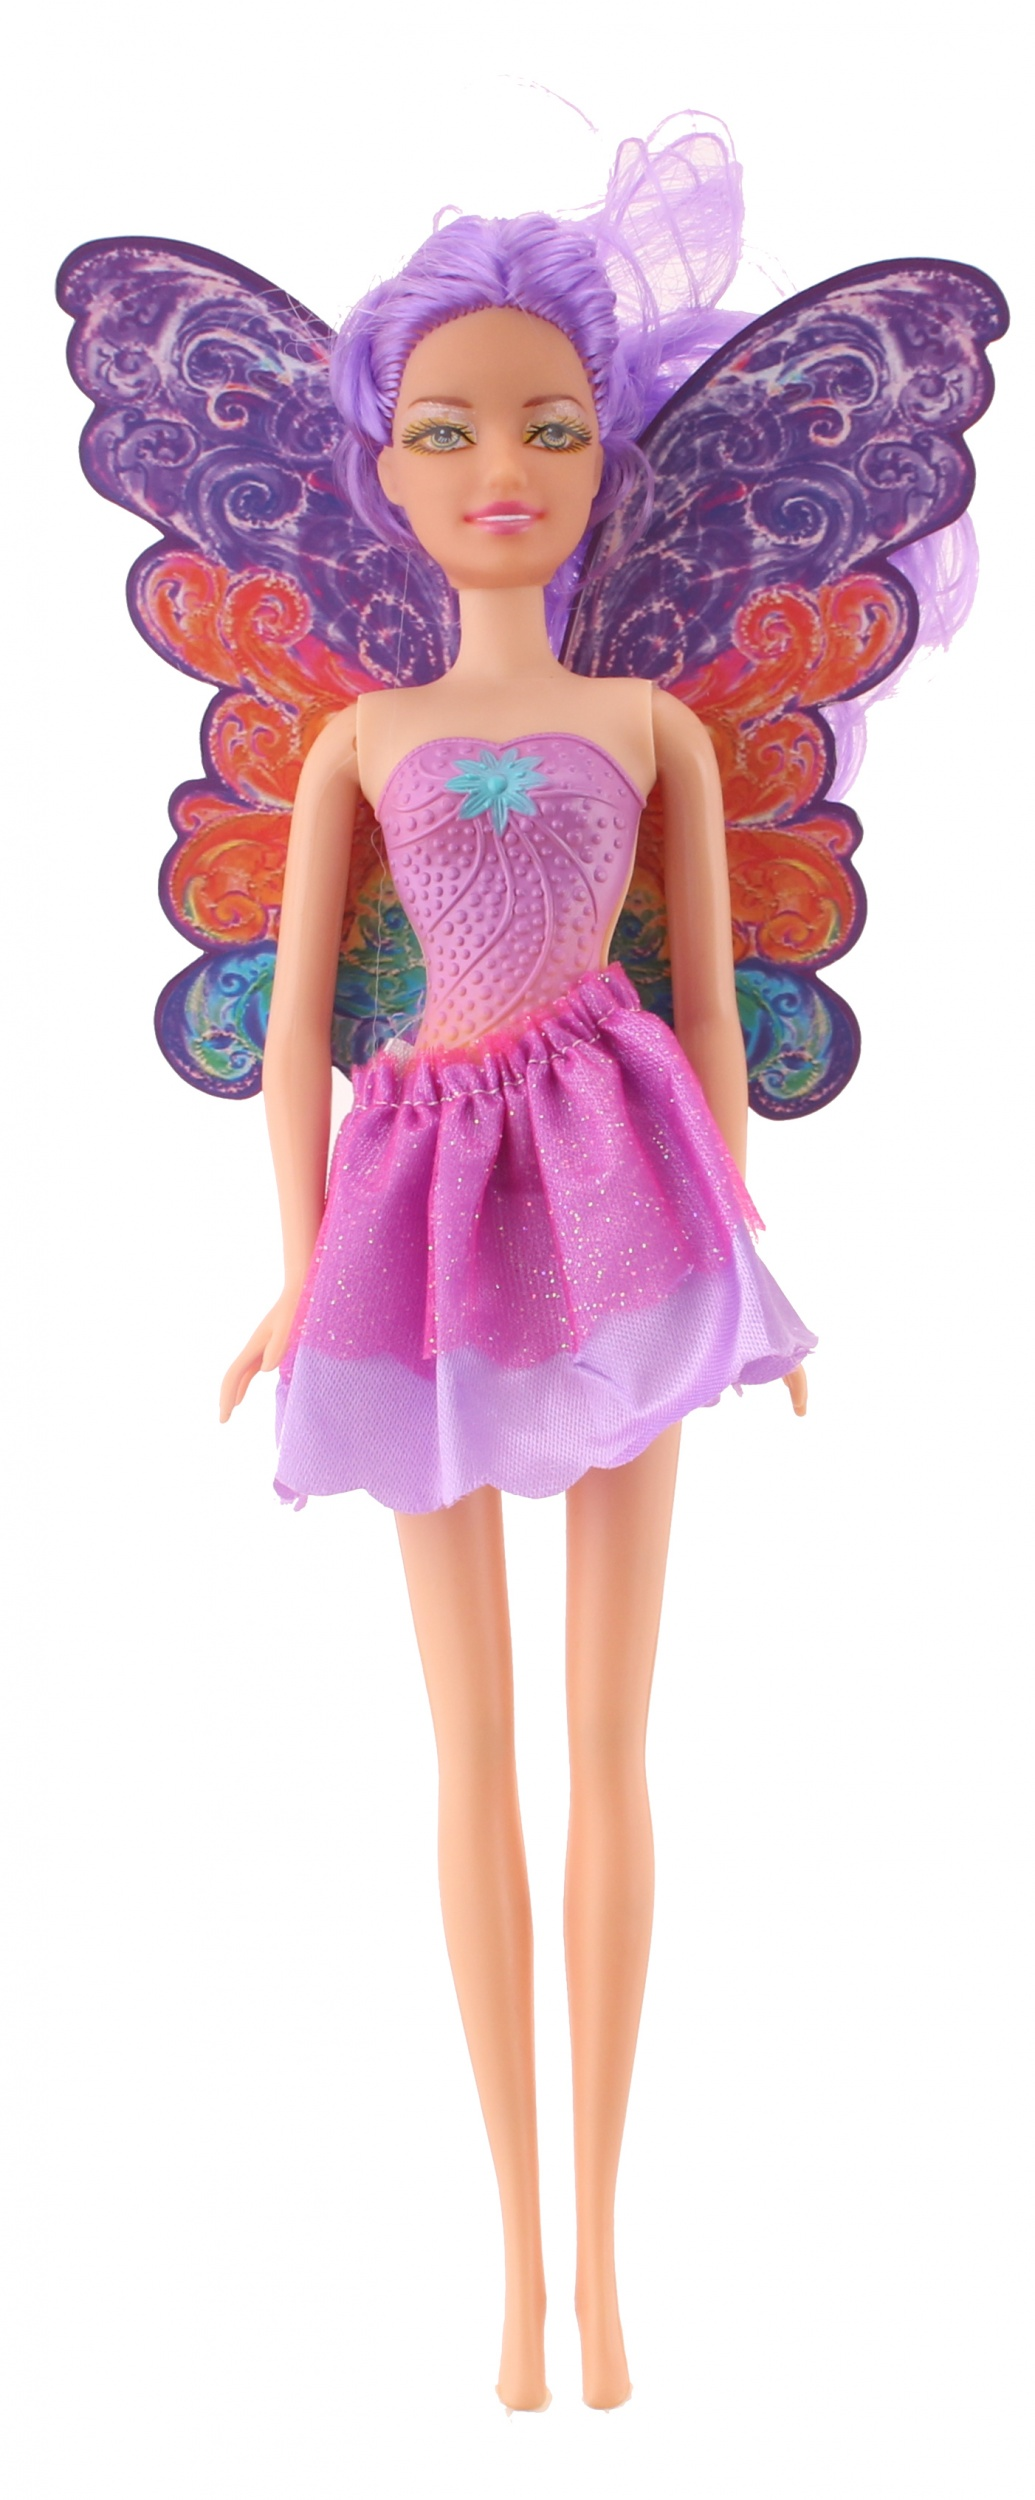 38c4b3315b1 Kids Fun tienerpop Princess Eva 30 cm roze/paars - Internet-Toys